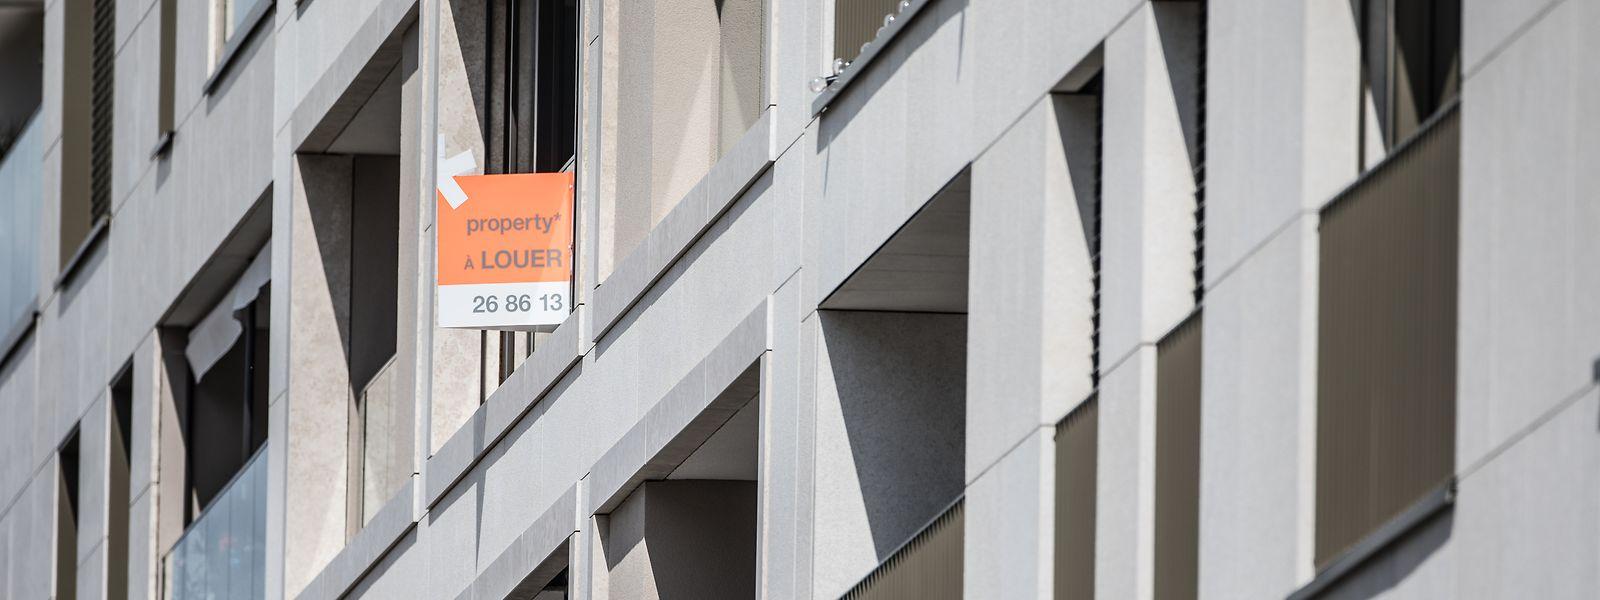 Die Mietpreise in Luxemburg sind für viele Familien nicht mehr bezahlbar.